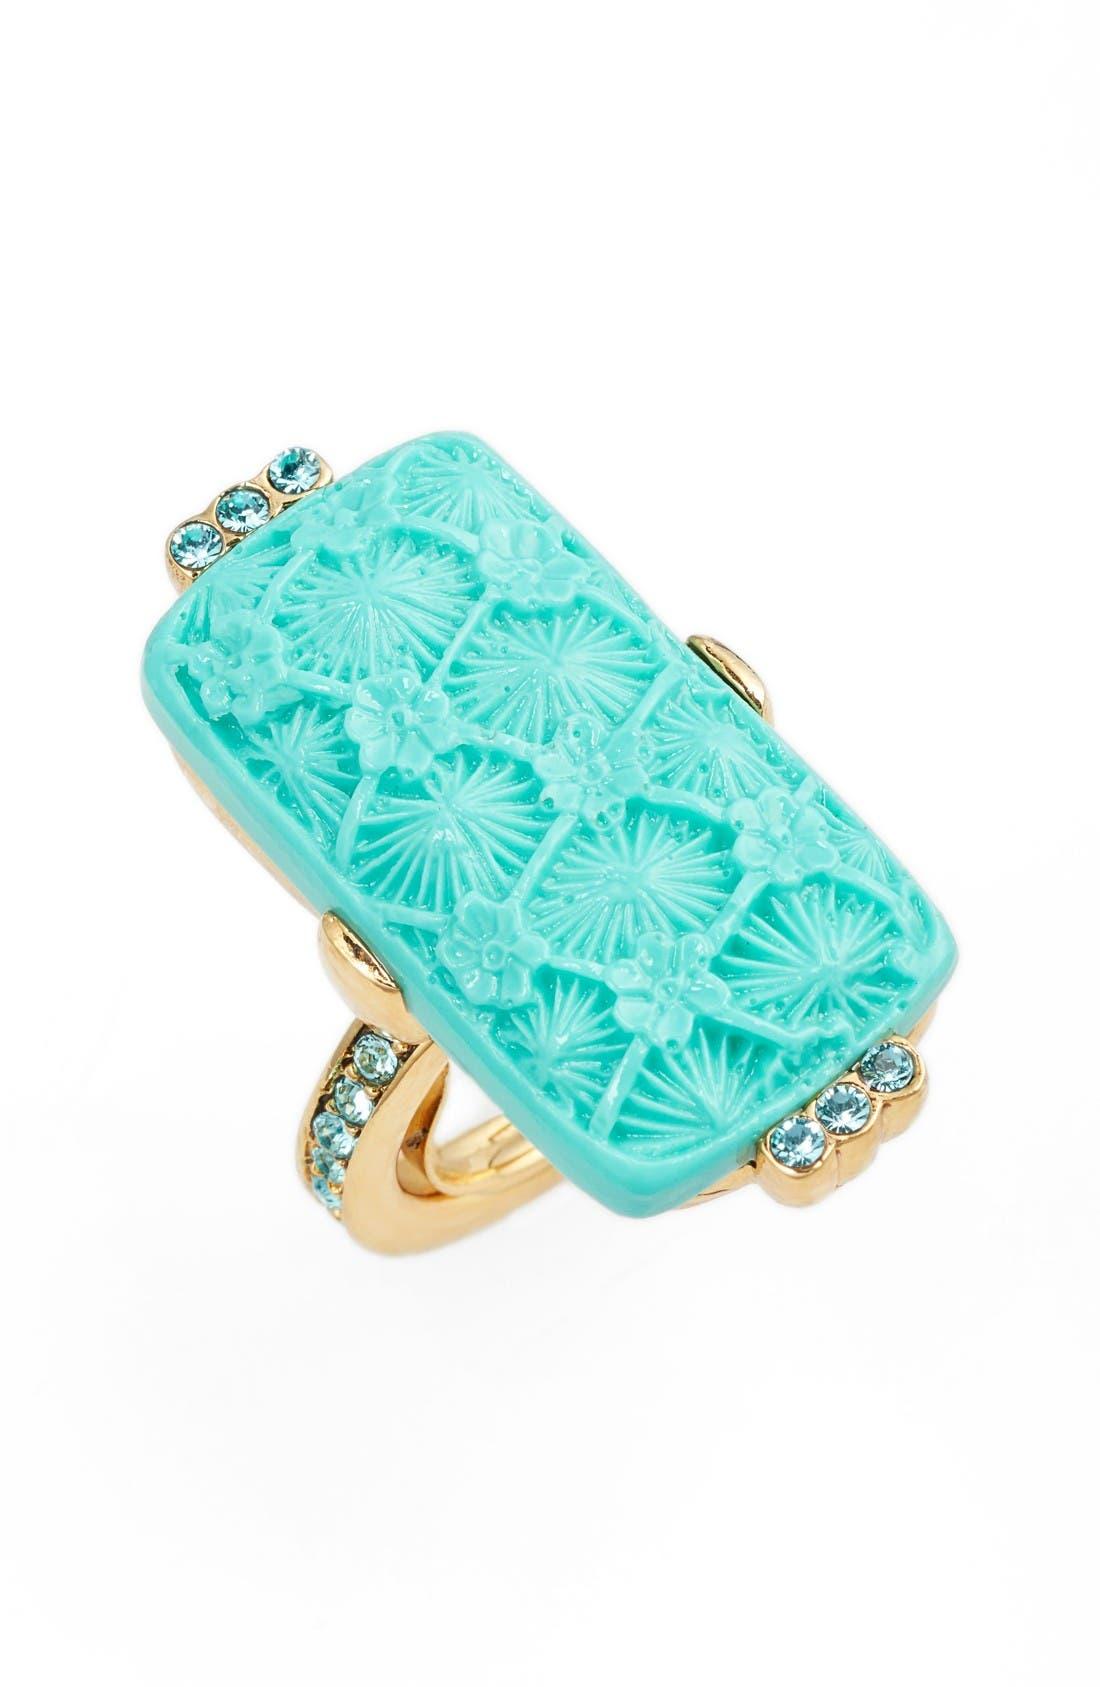 Main Image - Oscar de la Renta Carved Resin & Swarovski Crystal Ring